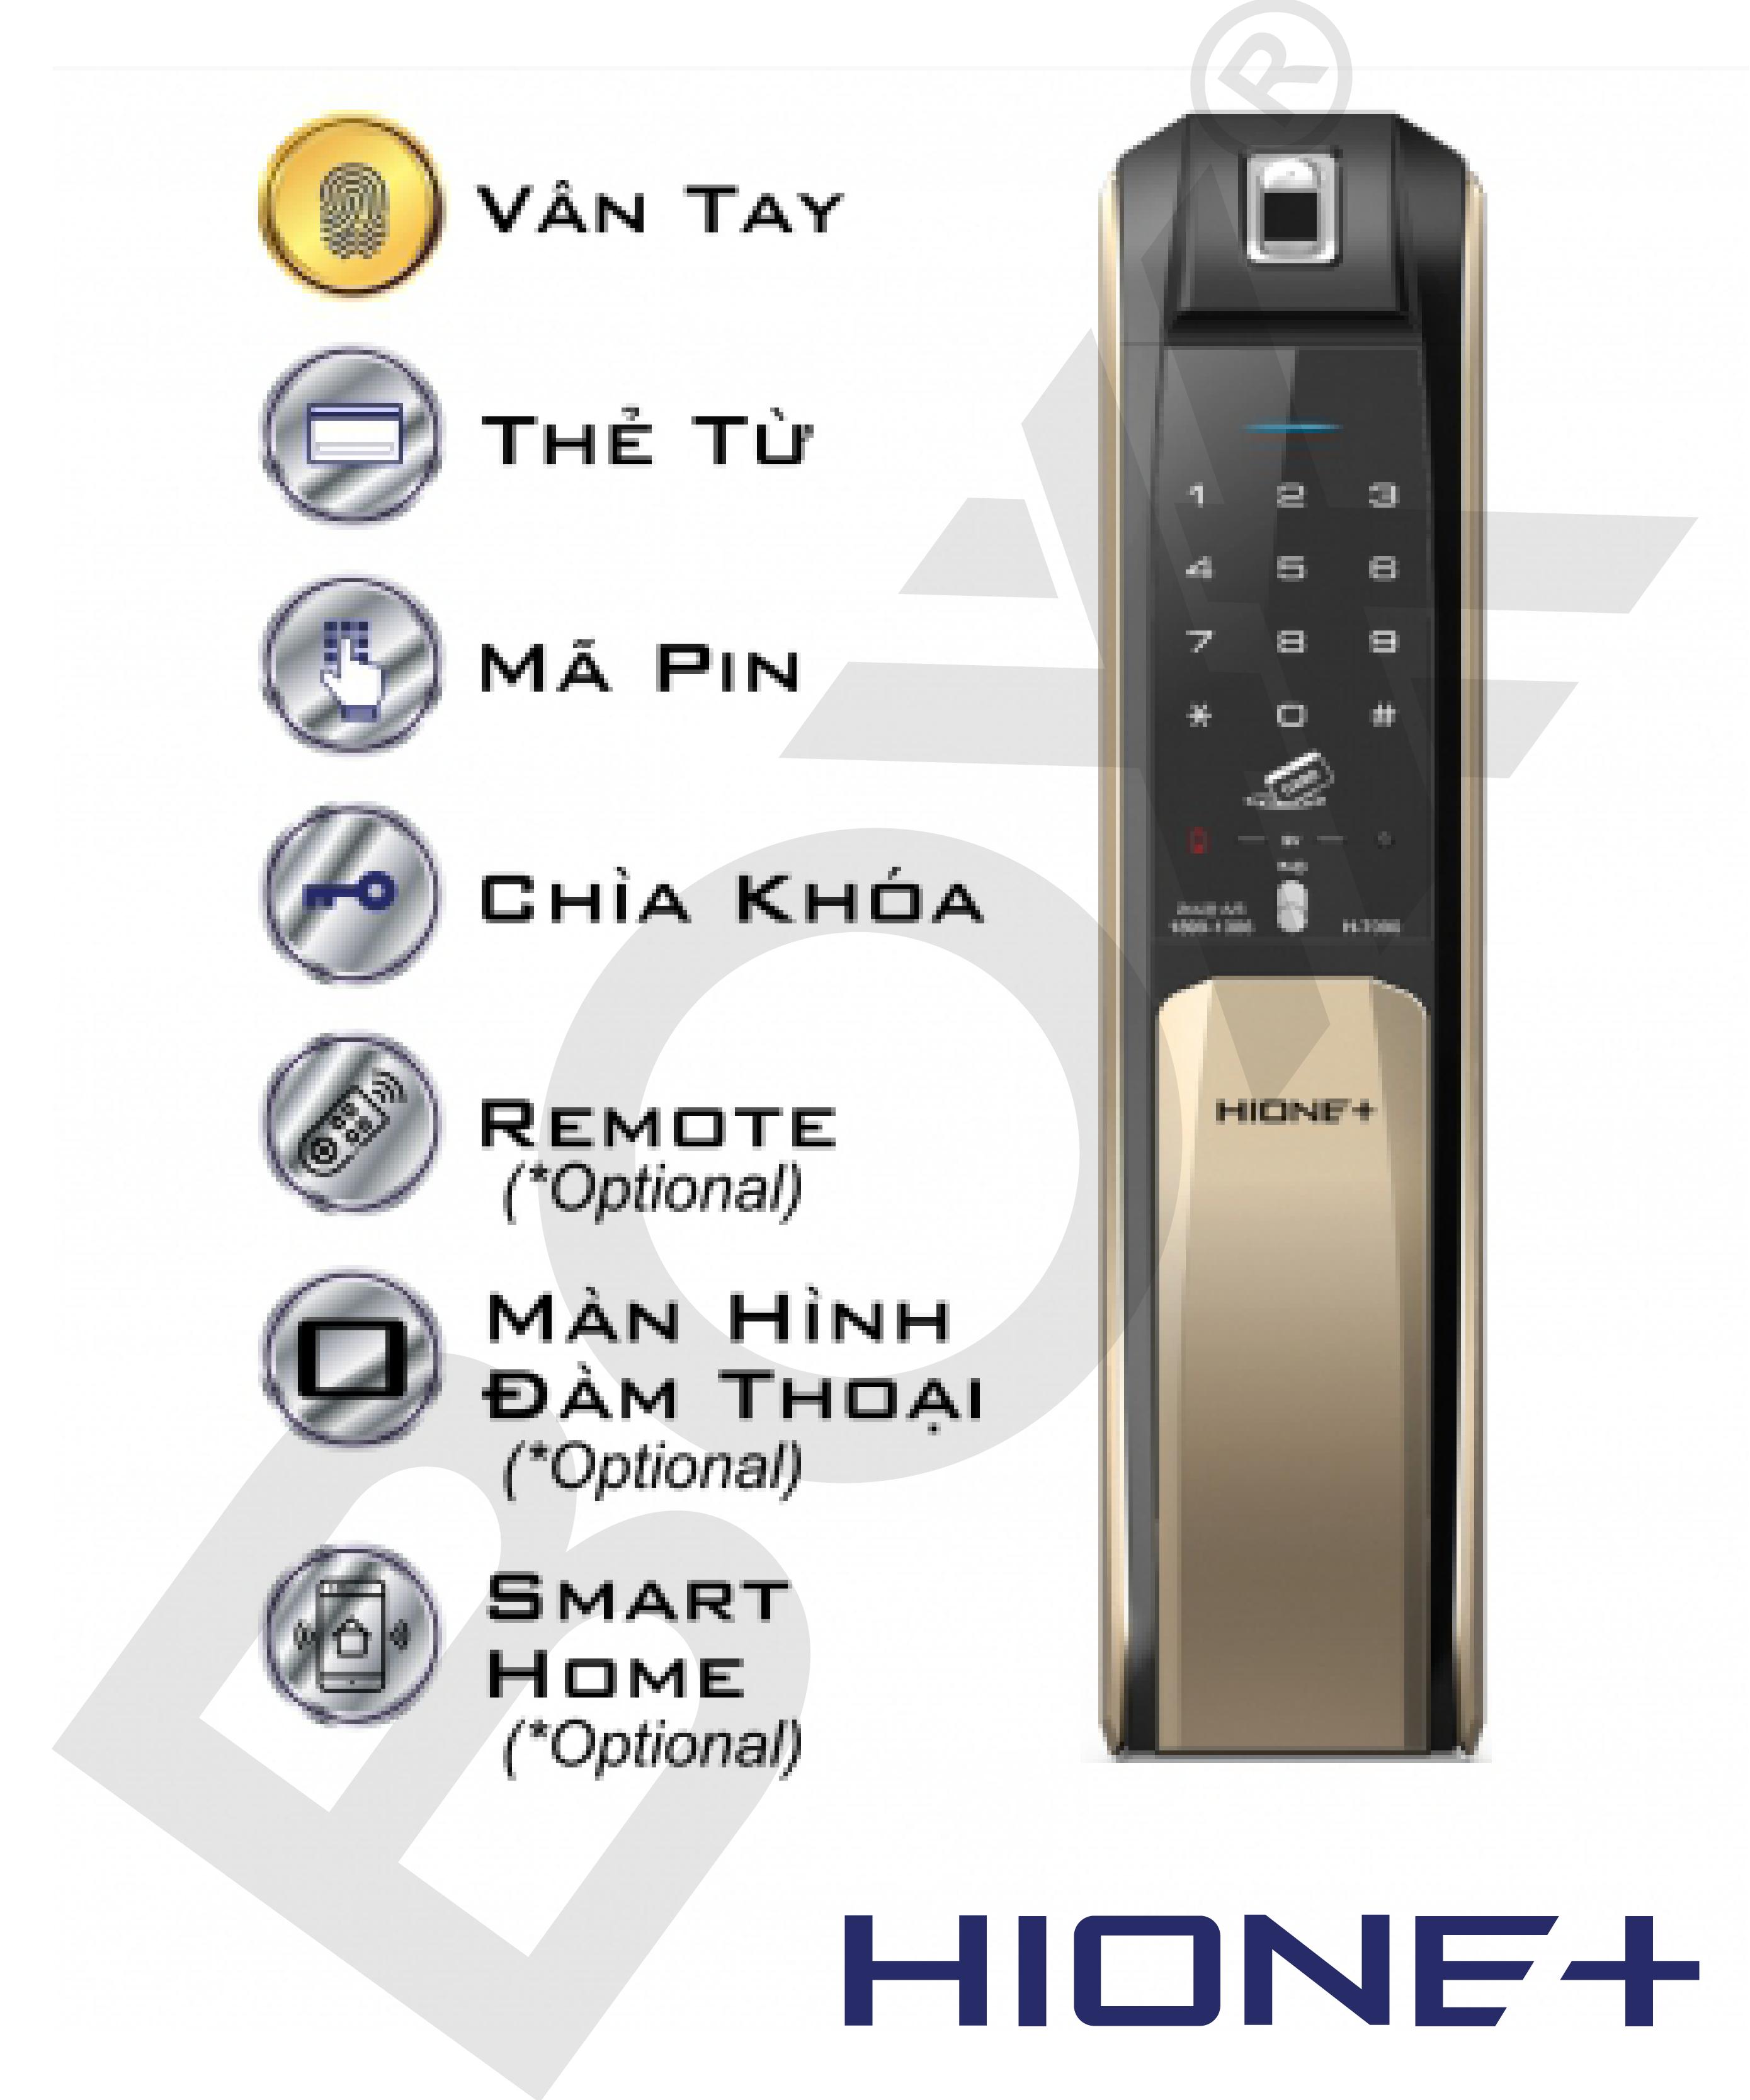 Khóa kéo đẩy vân tay/ thẻ từ/ mật khẩu H-7090